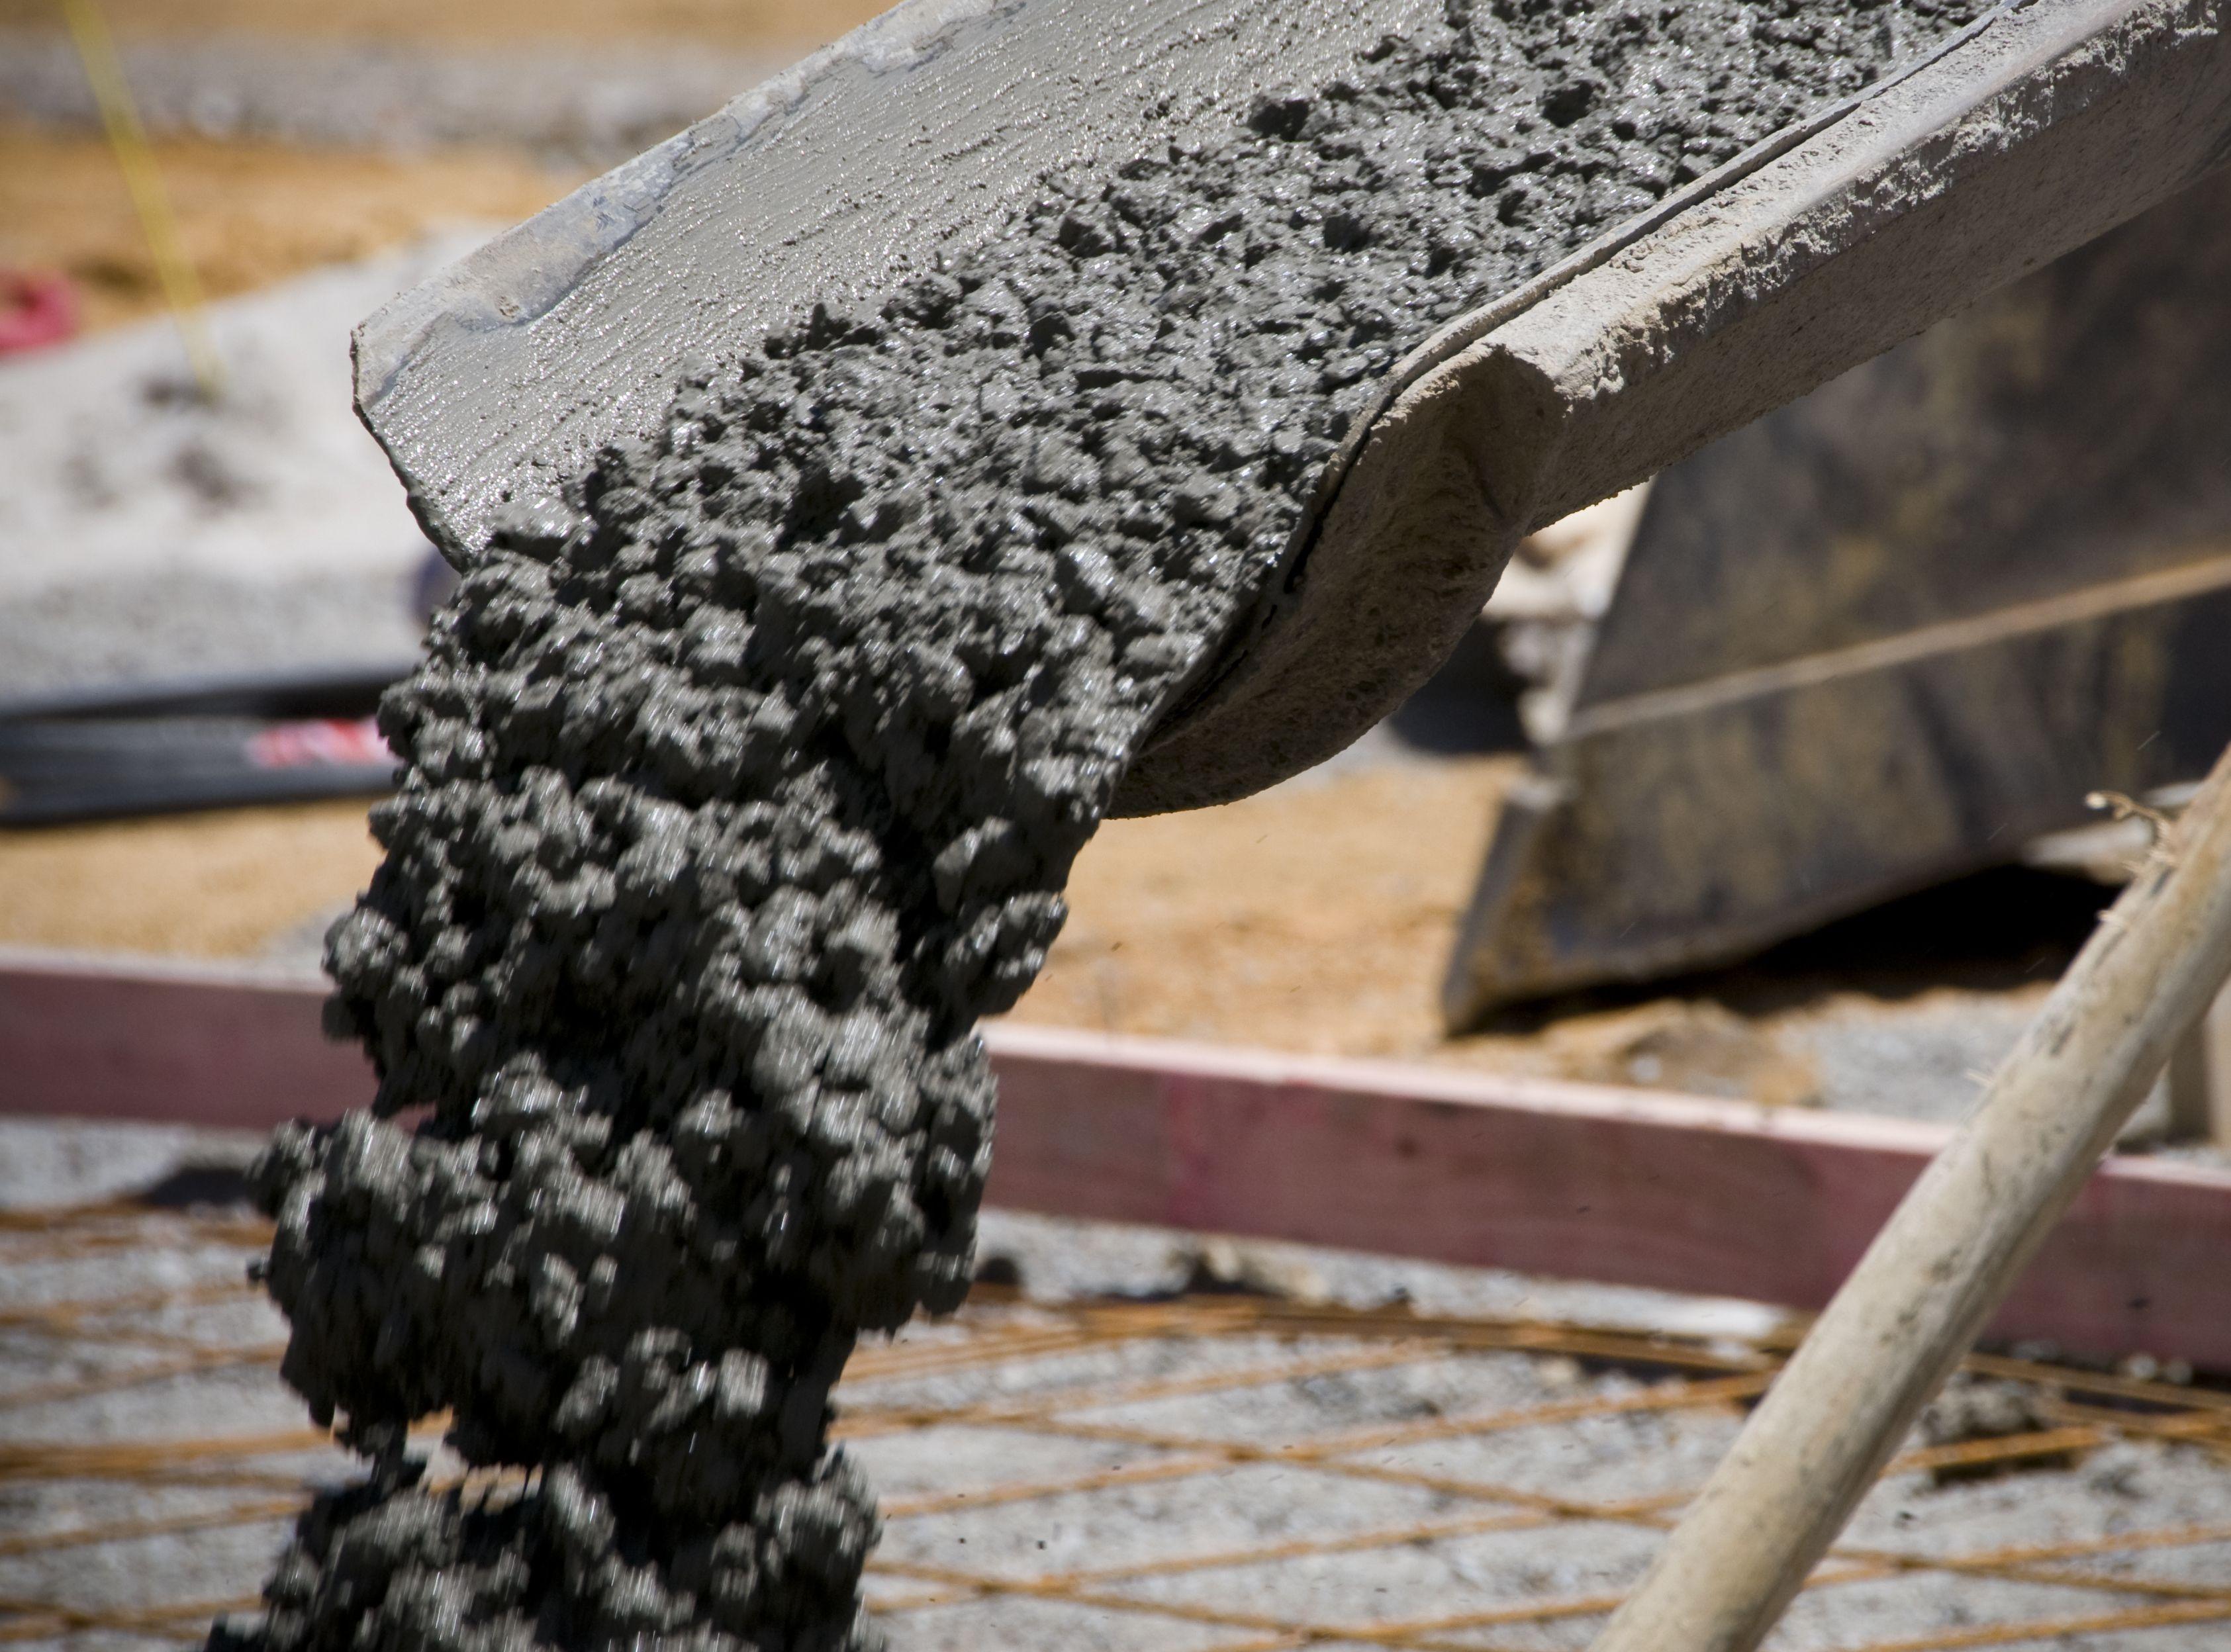 Fabricación de hormigón: Servicios de Hormigones Santos, S.L.